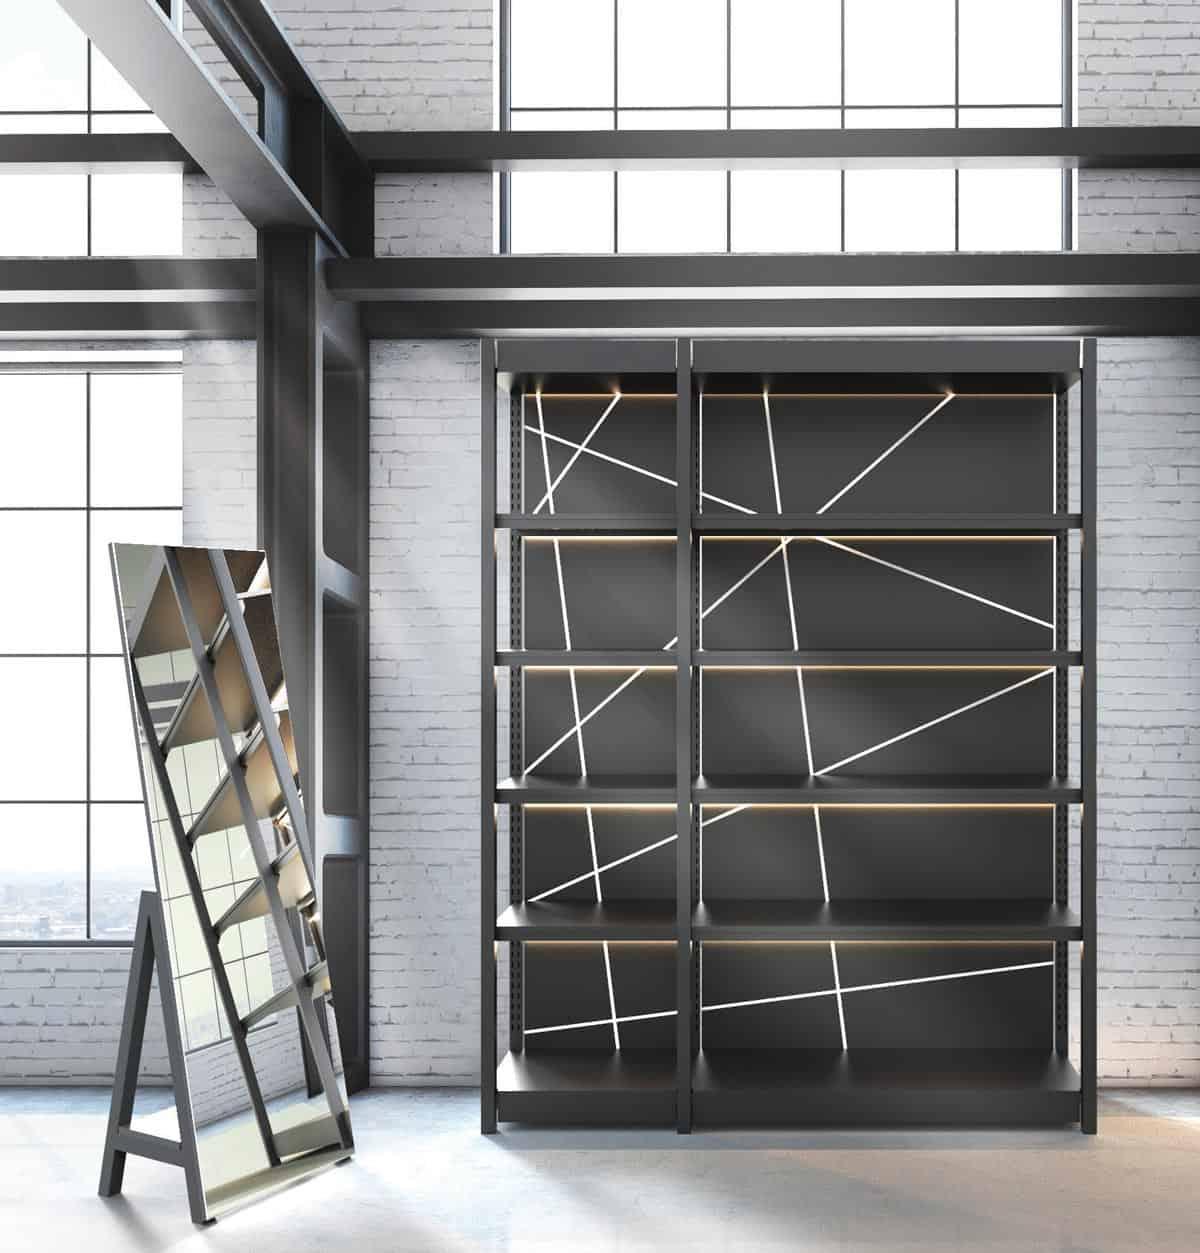 Linea 9 <p><strong>Specchio autoportante e Scaffalatura modulare</strong></p> <p>Specchio autoportante finitura nero opaco con ripiano posteriore.<br /> Scaffalatura modulare / elementi metallici finitura nero opaco / ripiani, pedana e top in nobilitato nero opaco / schiena in nobilitato nero opaco stampata con tecnologia UV / sistema di illuminazione top e ripiani integrato nella struttura.</p>